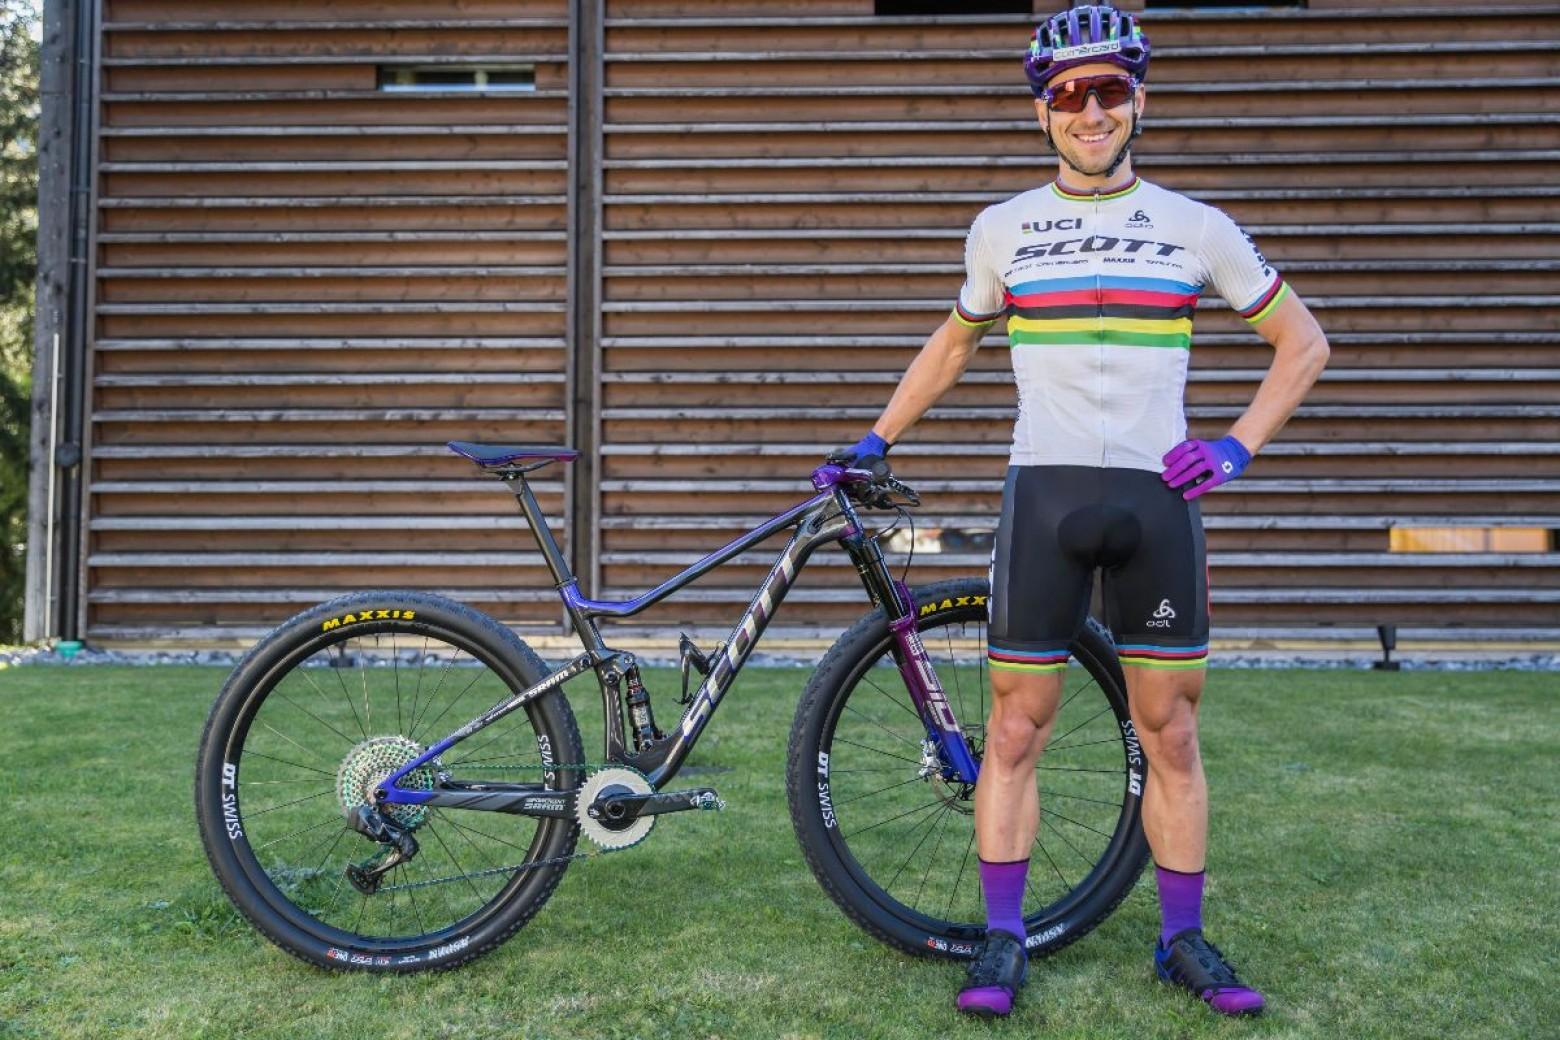 Bike Check: Nino Schurters Scott Spark - Nove Mesto World